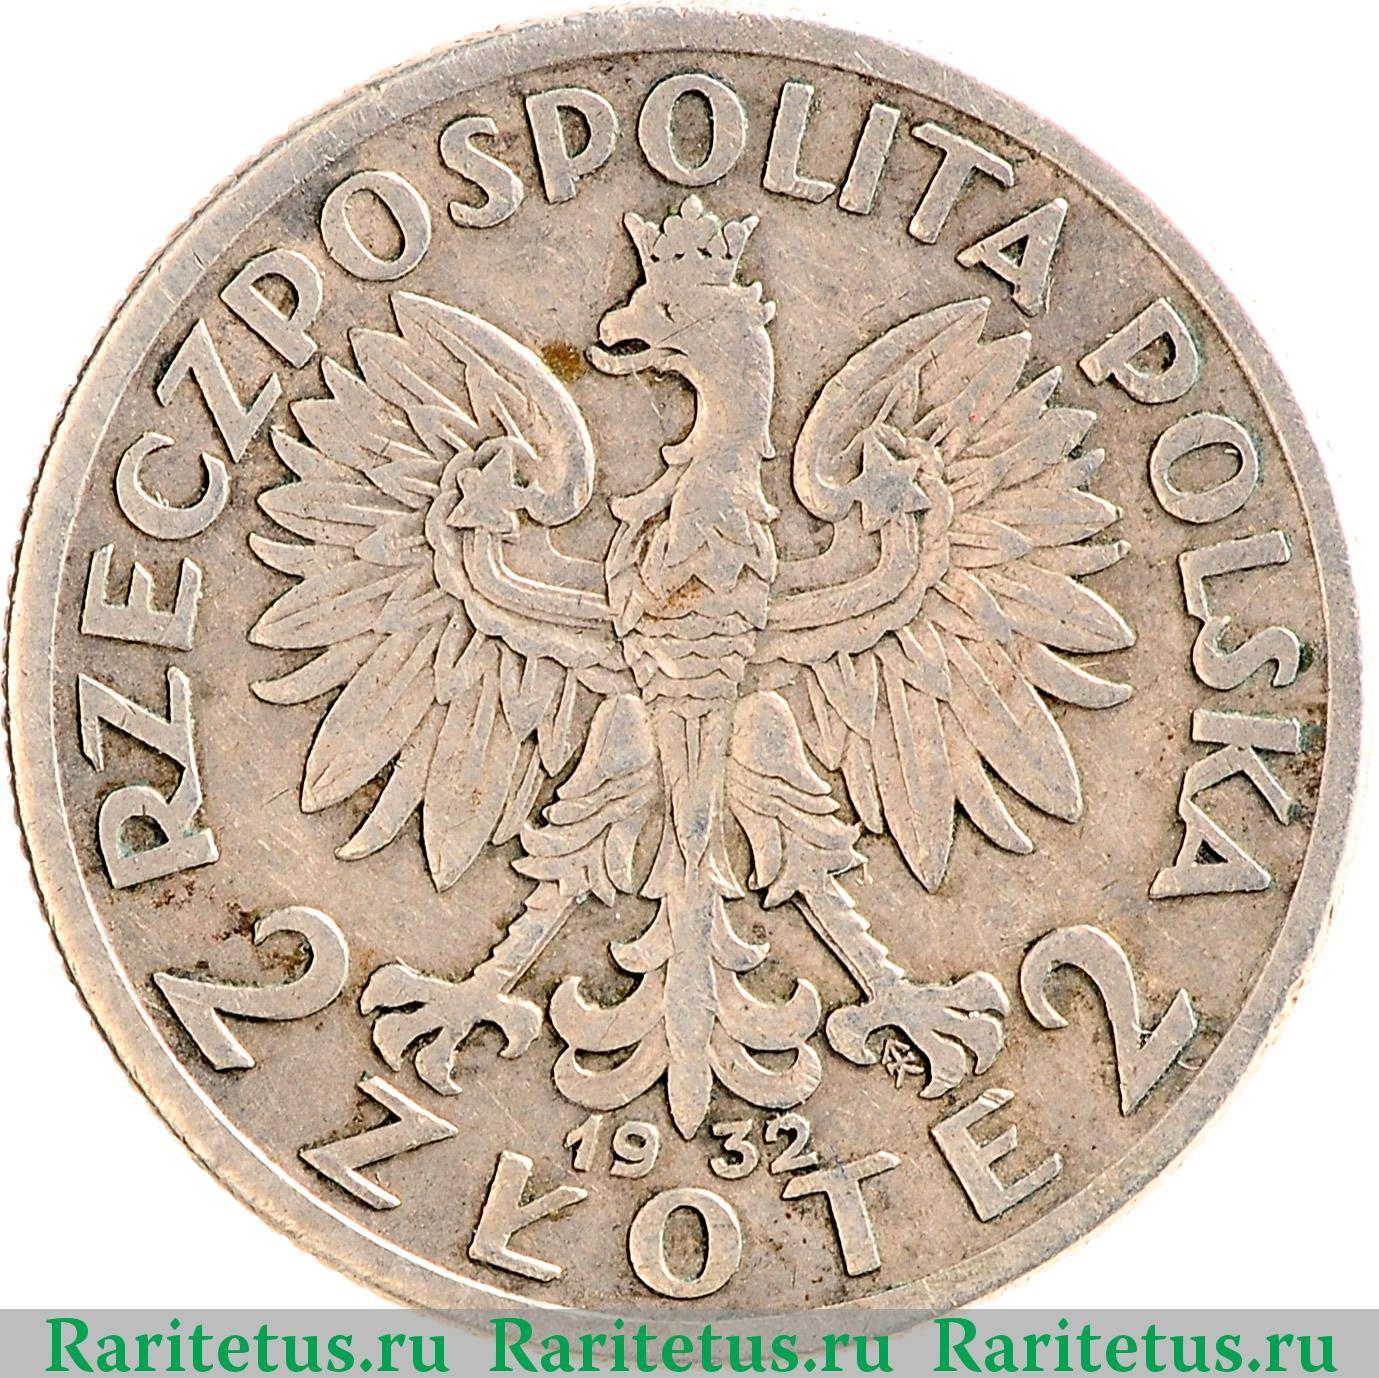 Монета 2 злотых 1932 сколько стоит 50 тиын 1993